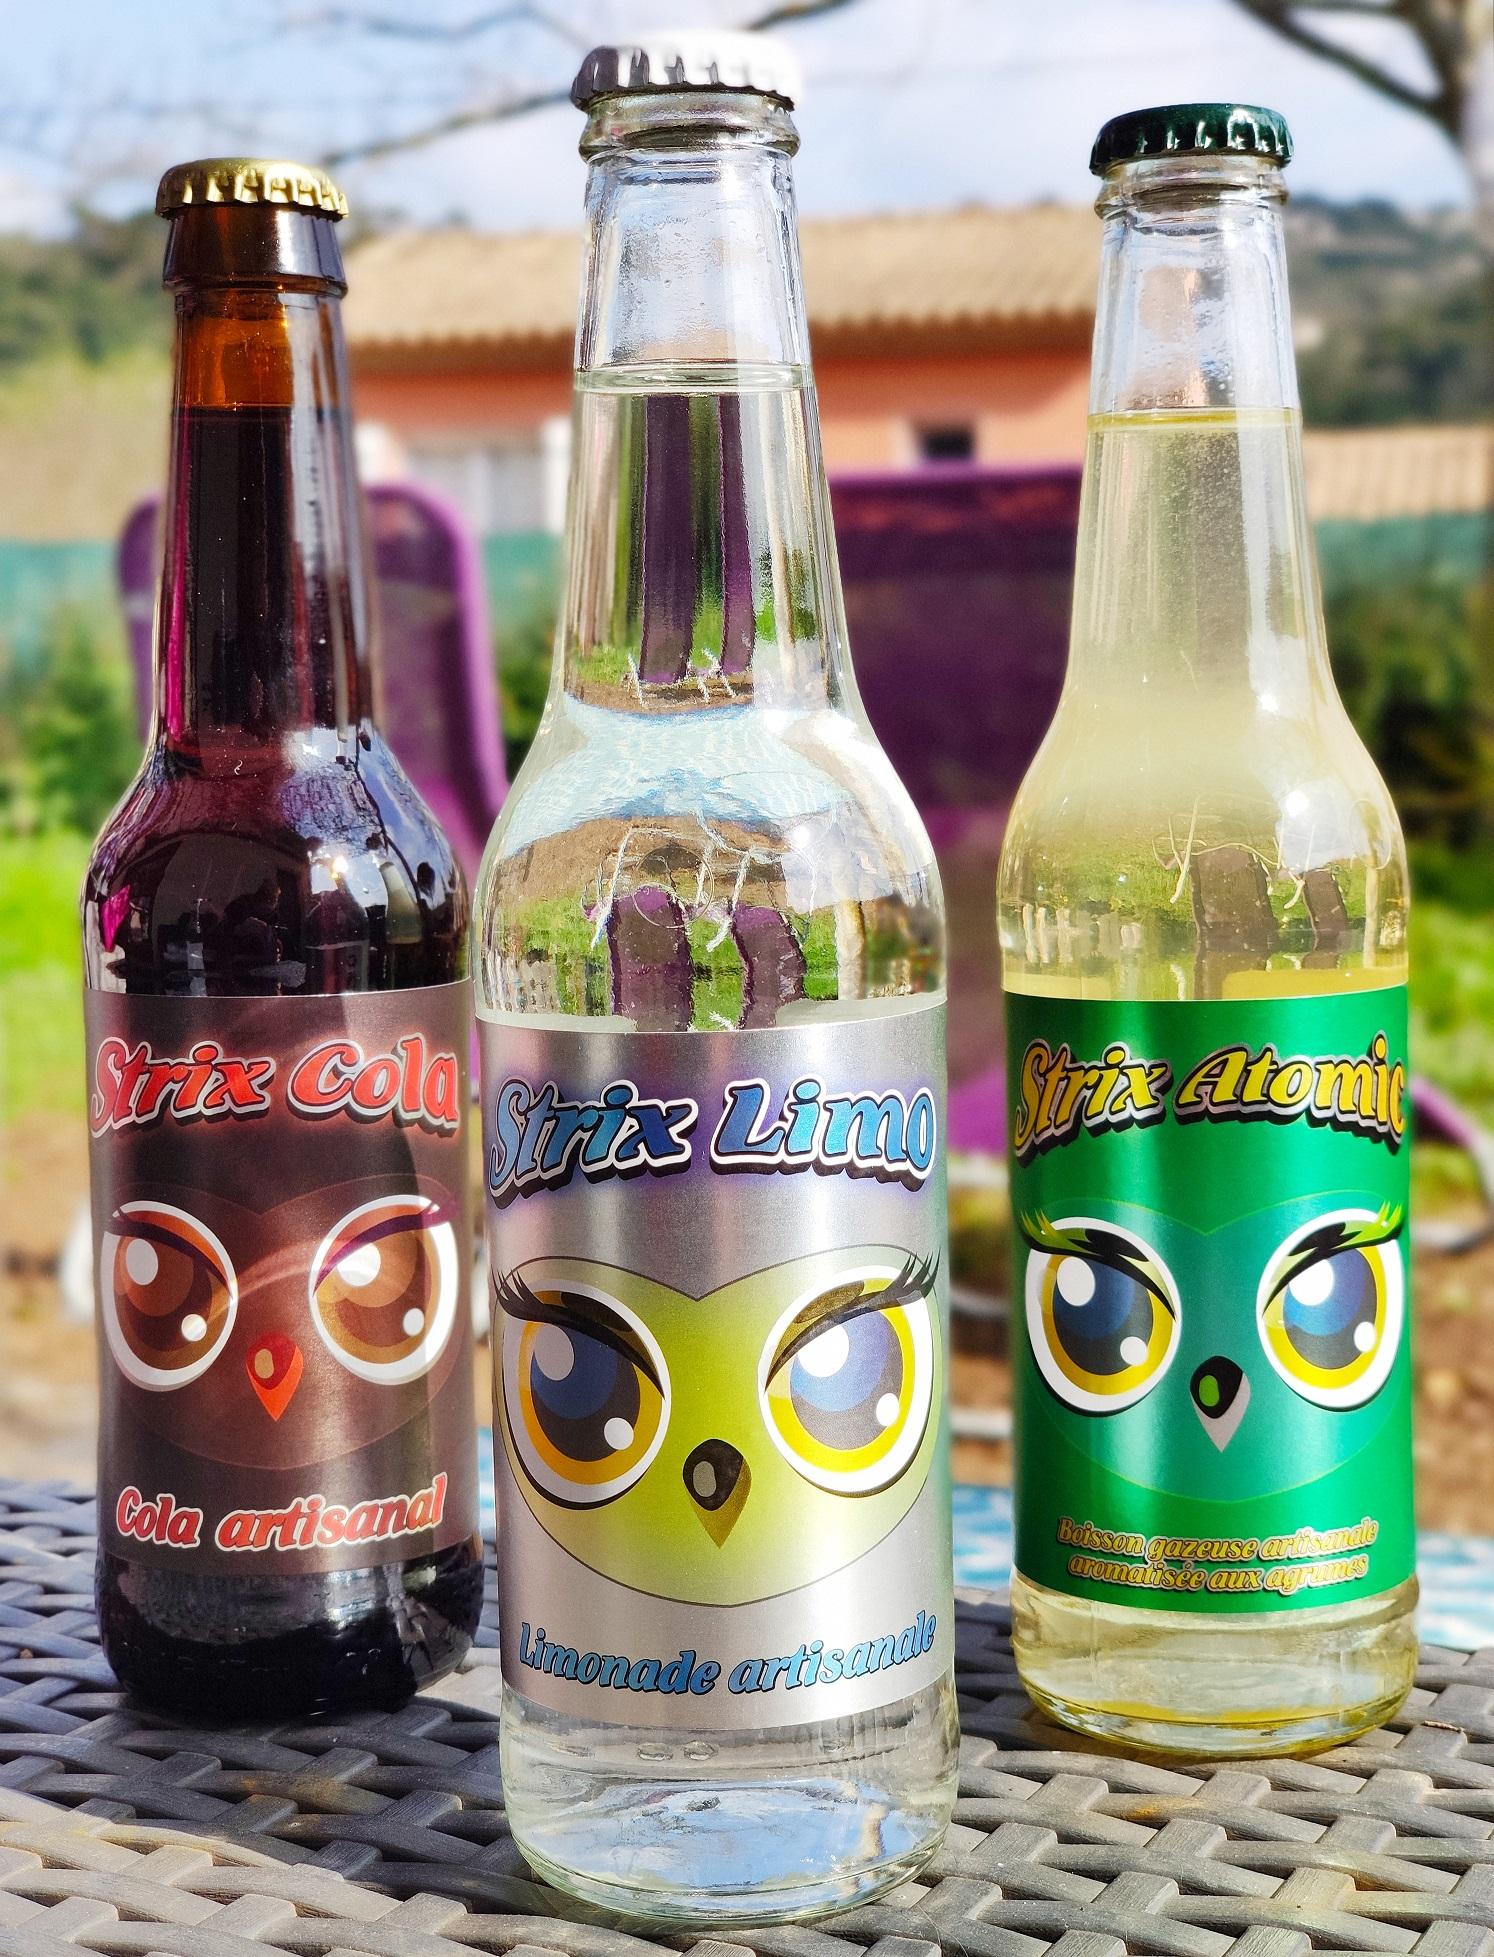 Bouteilles des 3 gammes de sodas artisanaux de la Brasserie des Aucels à Bédarieux